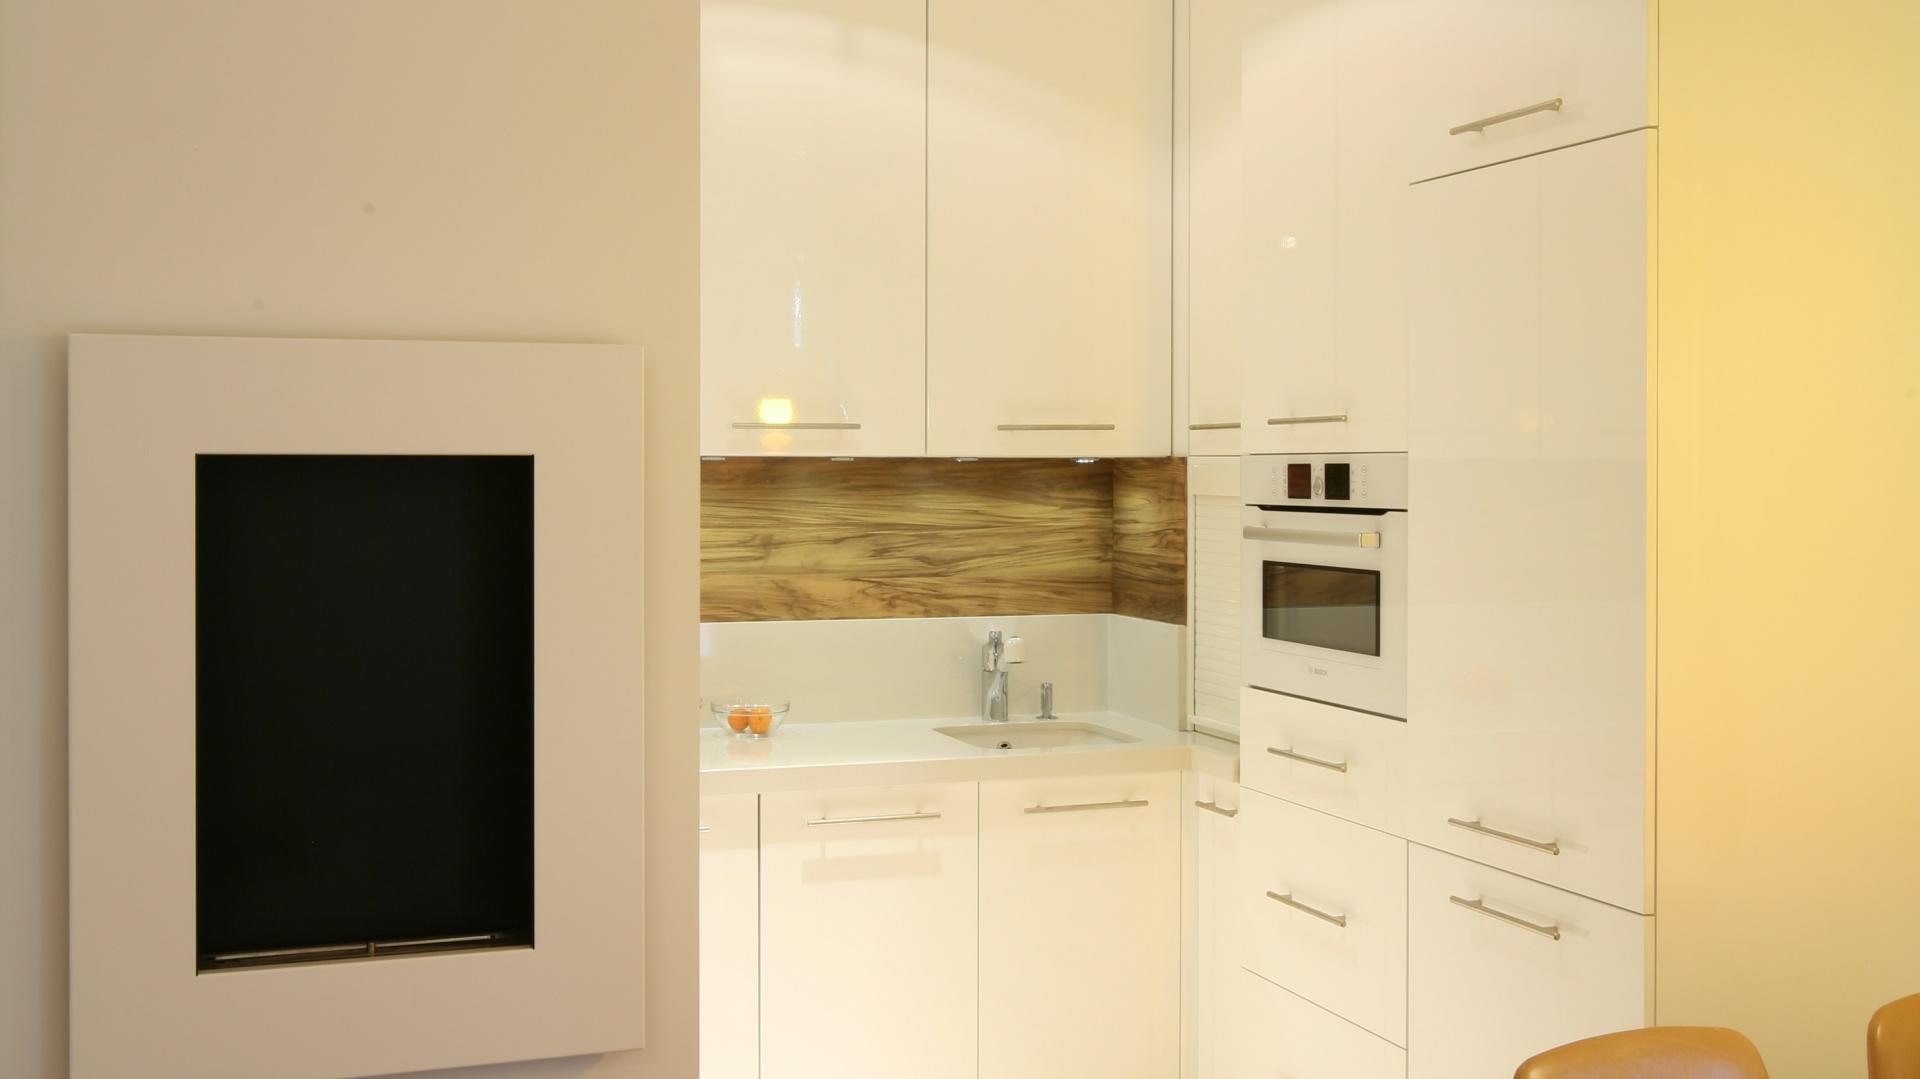 Niewielka, zaledwie Mała kuchnia Zobacz jak urządzić   -> Mala Tania Kuchnia